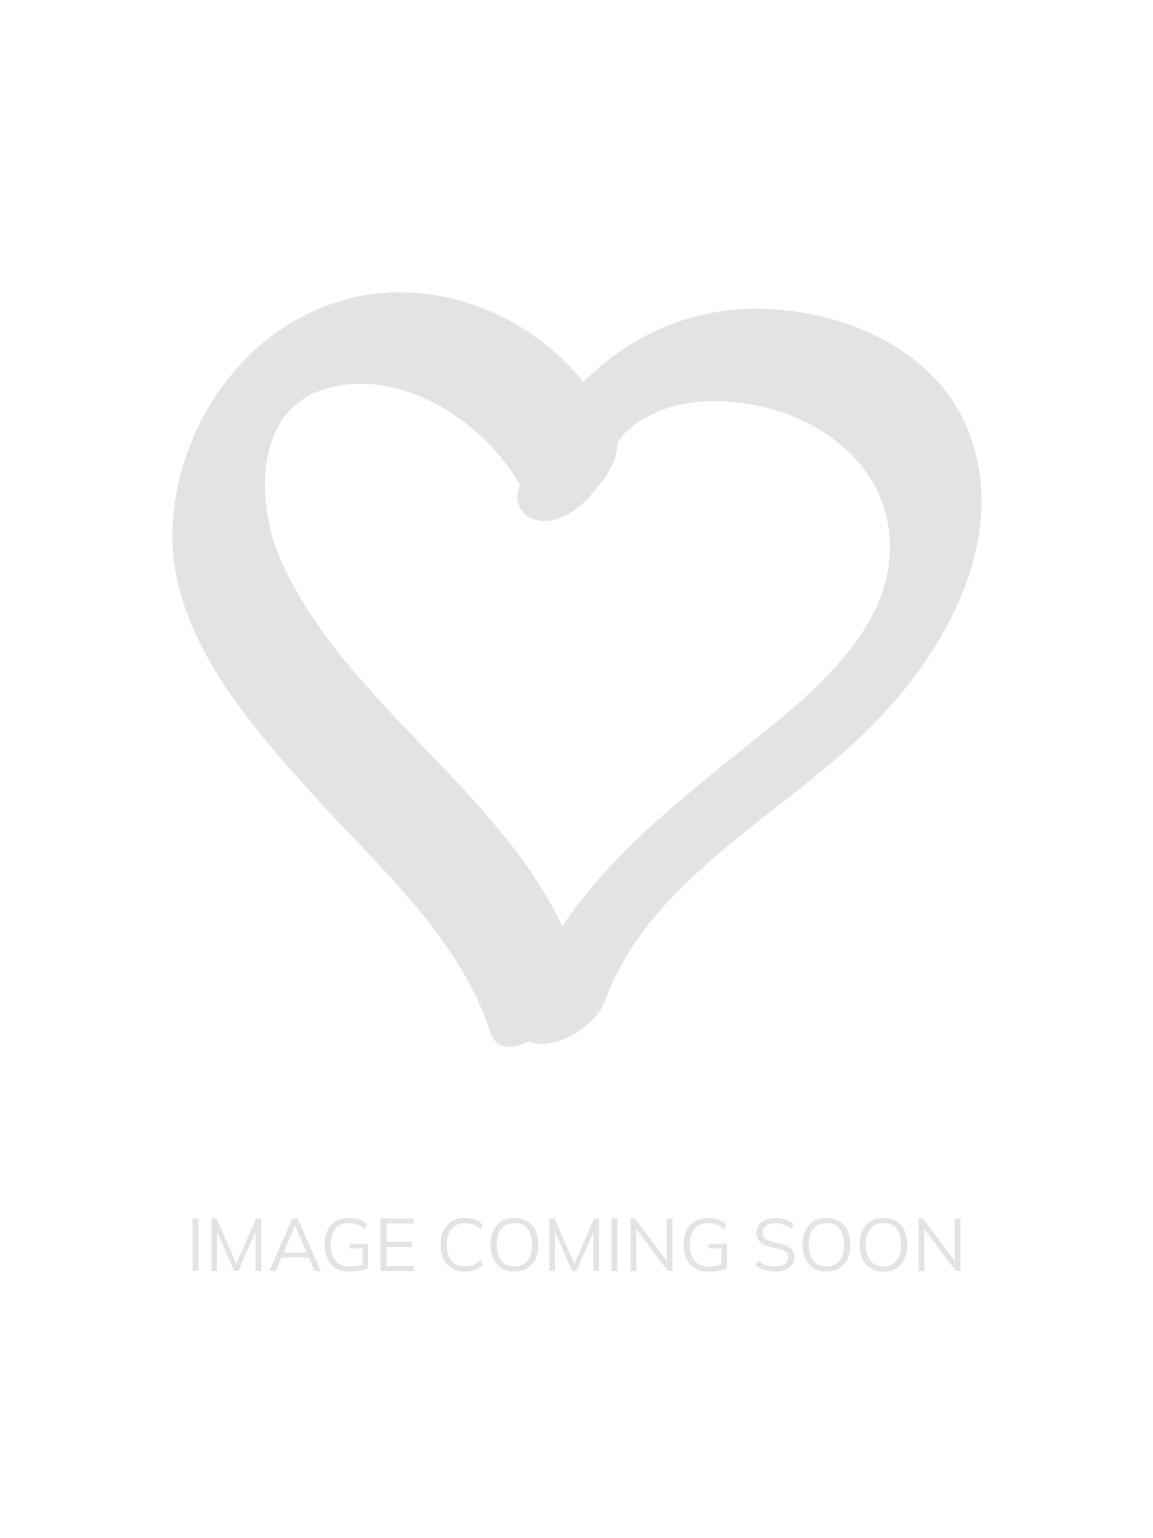 35d99cd5d36d Eglantine Control Brief | Lingerie Outlet Store